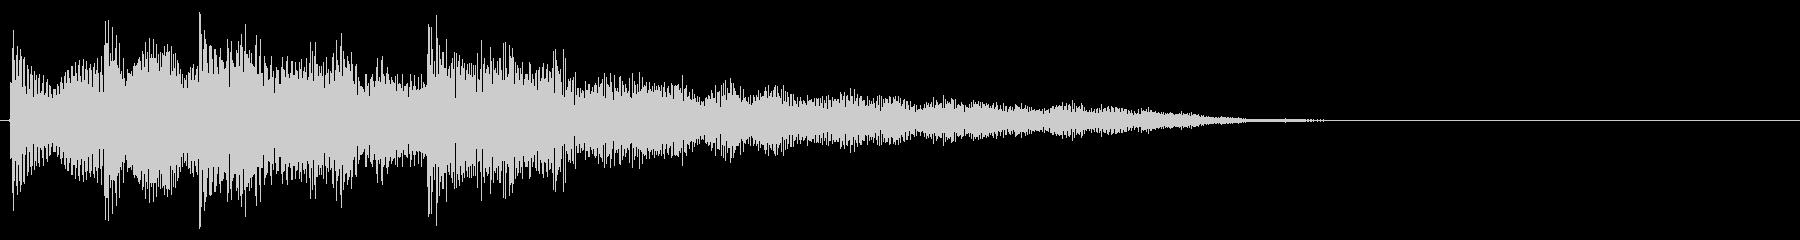 マレット系 ATМ風のフレーズ2(特)の未再生の波形